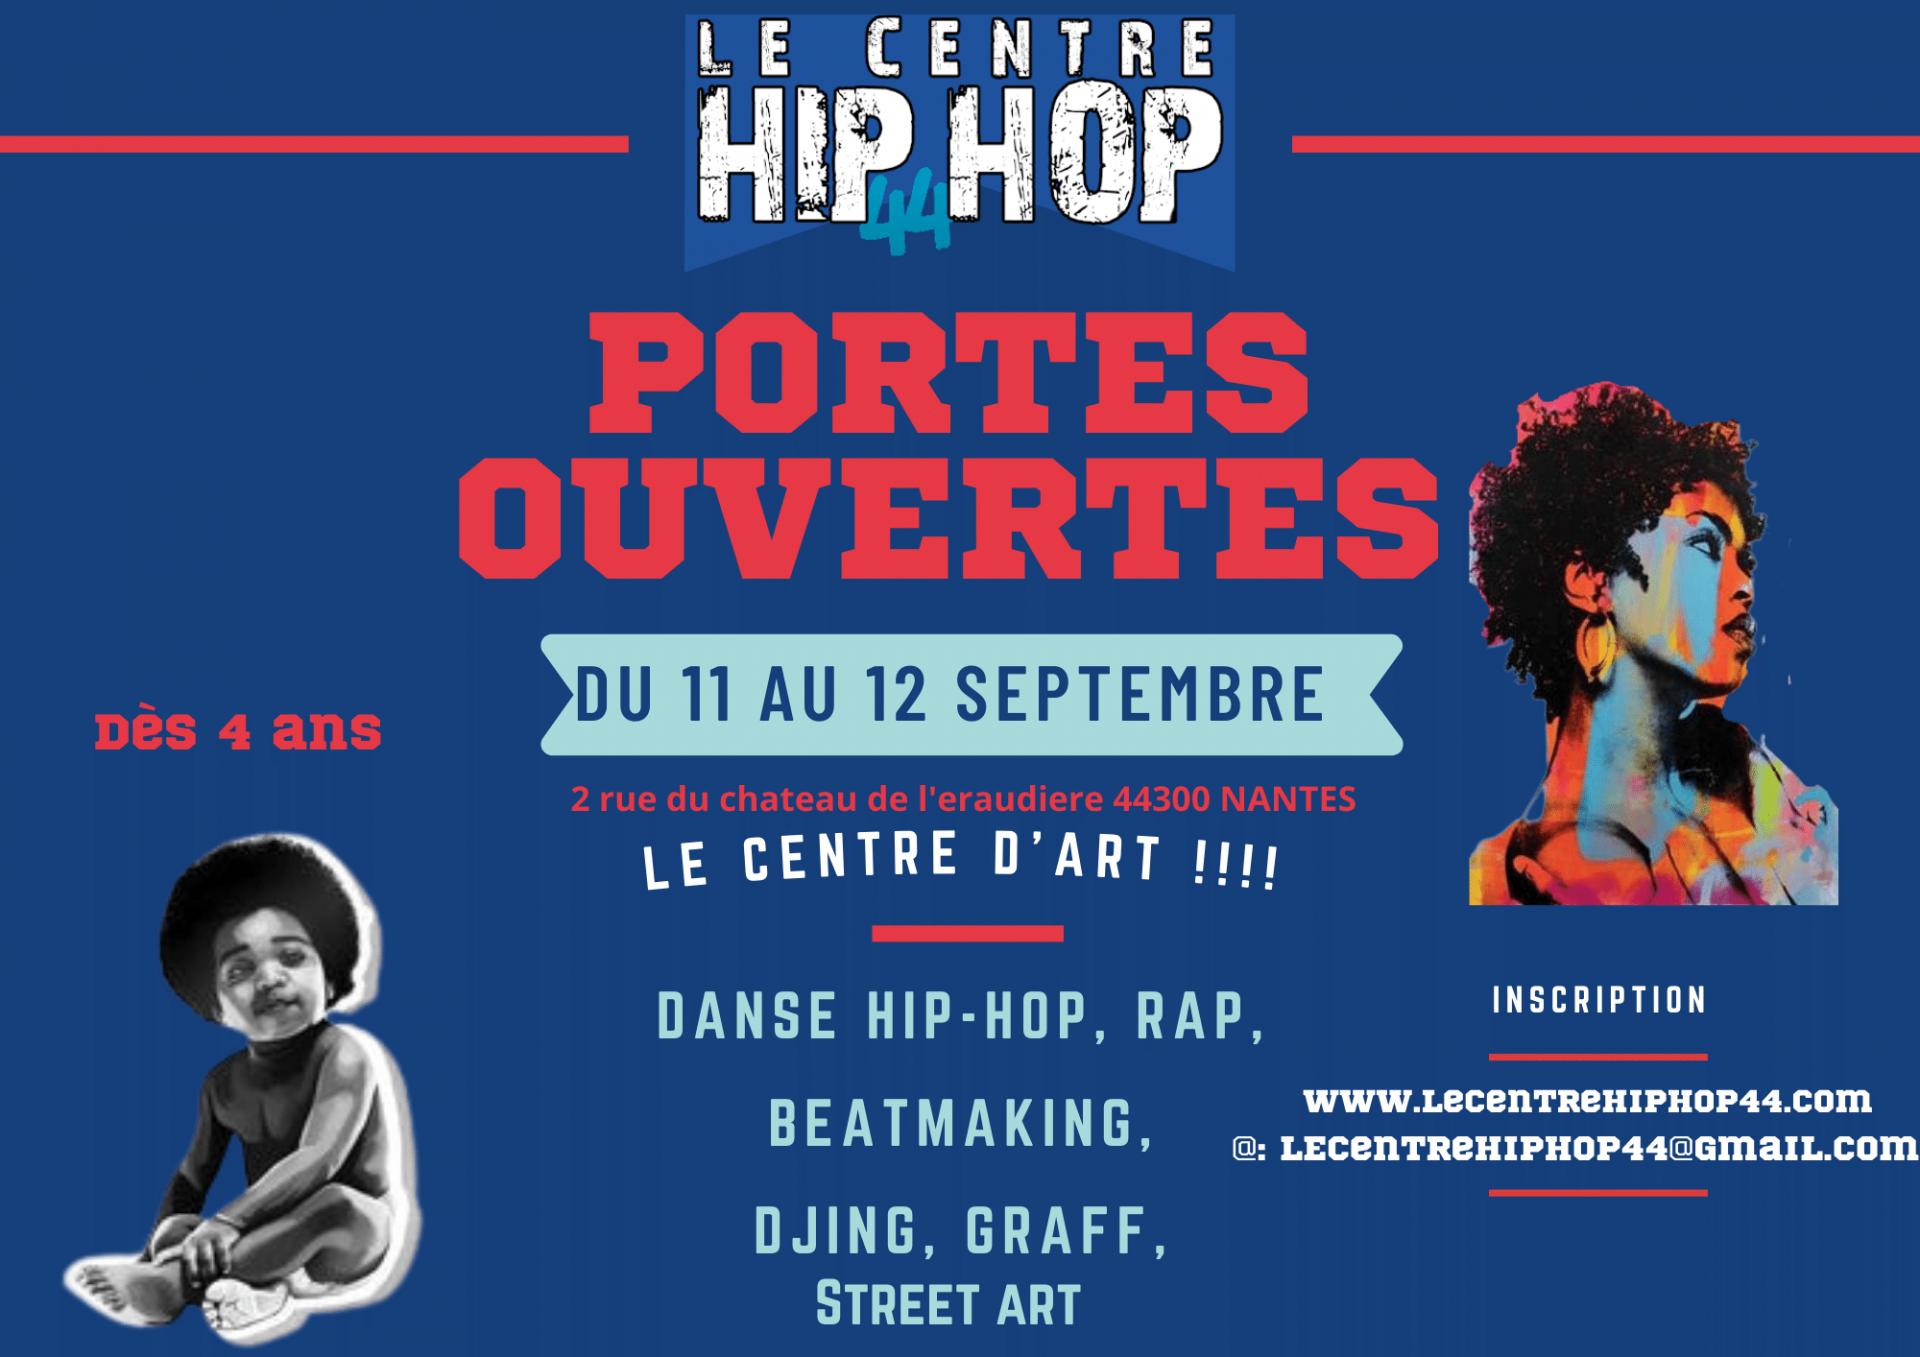 Portes ouvertes centre hip hop 44